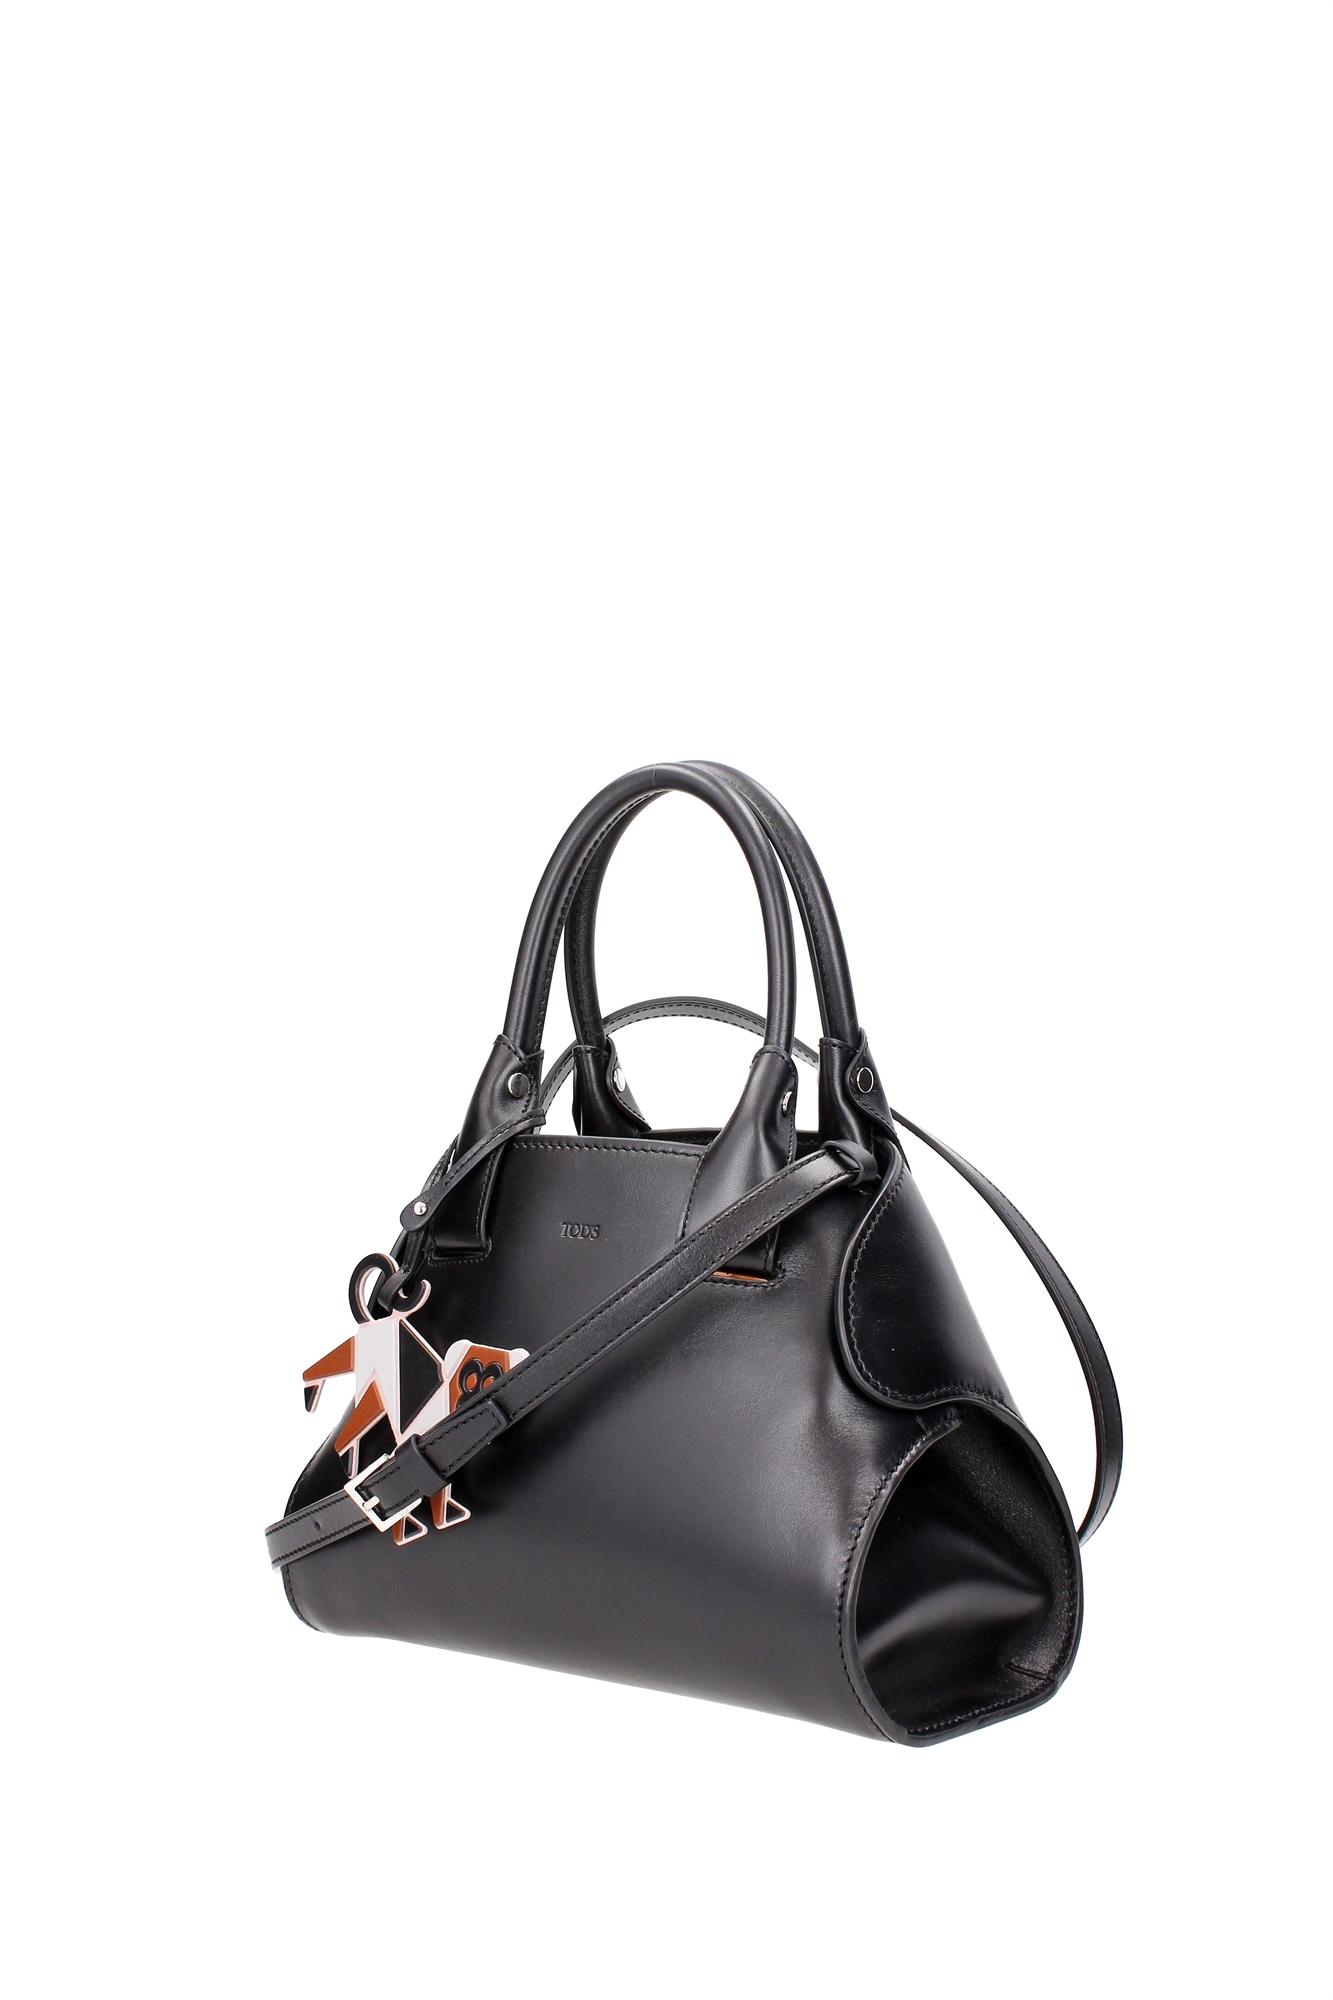 handtasche tod 39 s damen leder schwarz xbwamga71009ma01b9. Black Bedroom Furniture Sets. Home Design Ideas